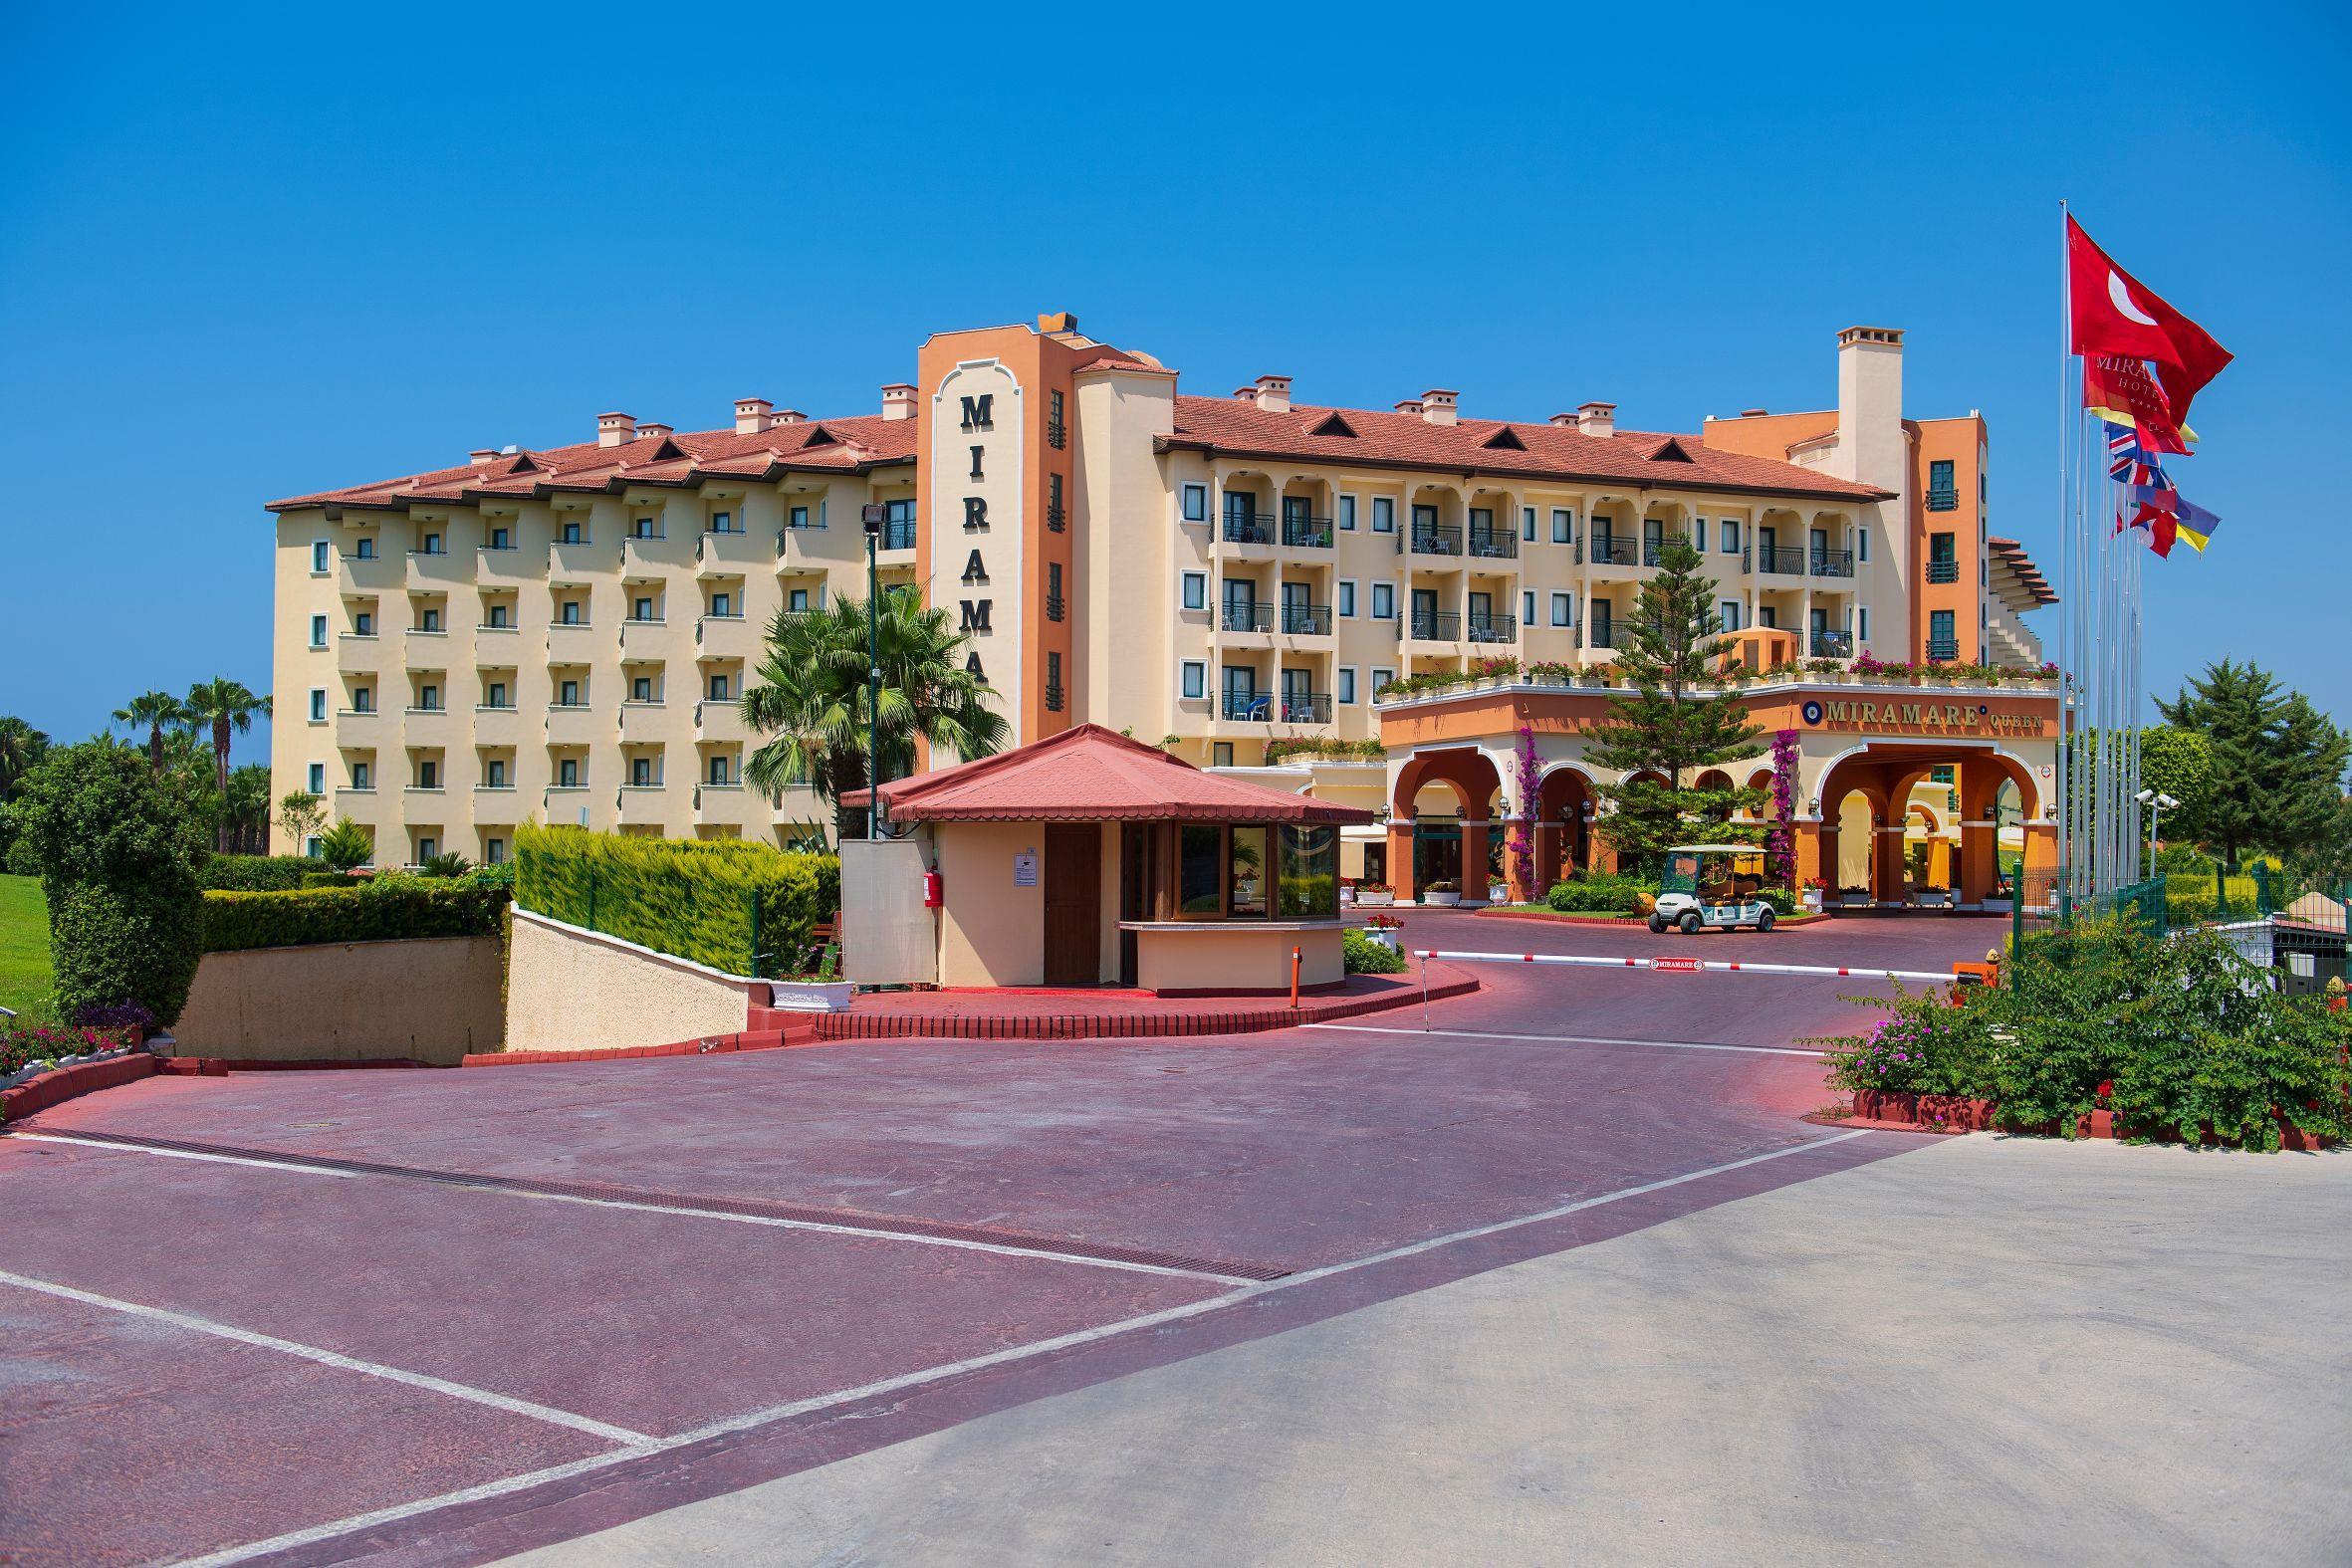 http://www.orextravel.sk/OREX/hotelphotos/miramare-queen-hotel-general-0043.jpg